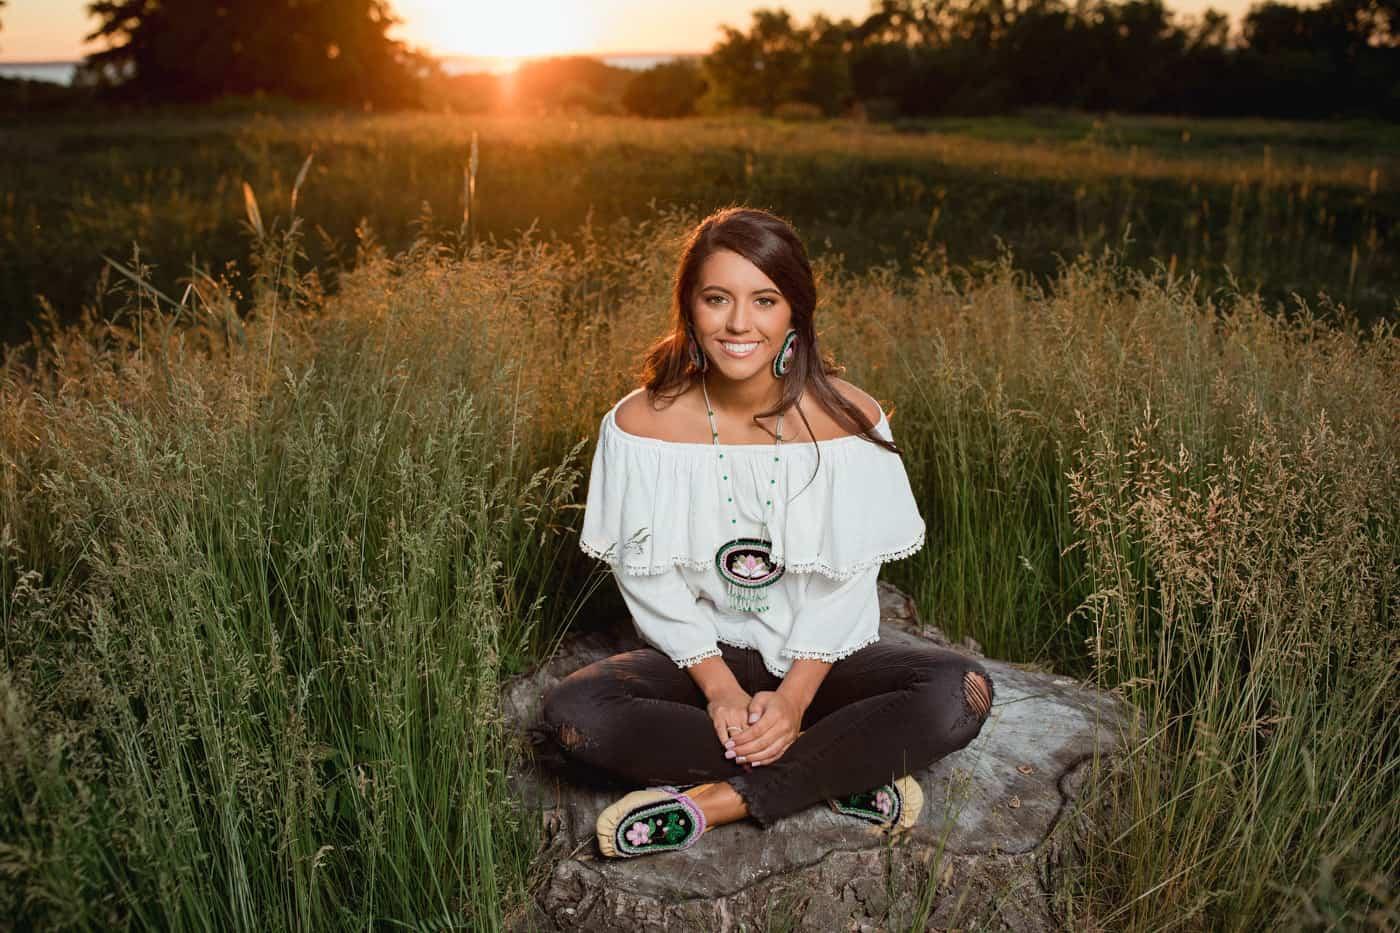 Summer Senior Pictures